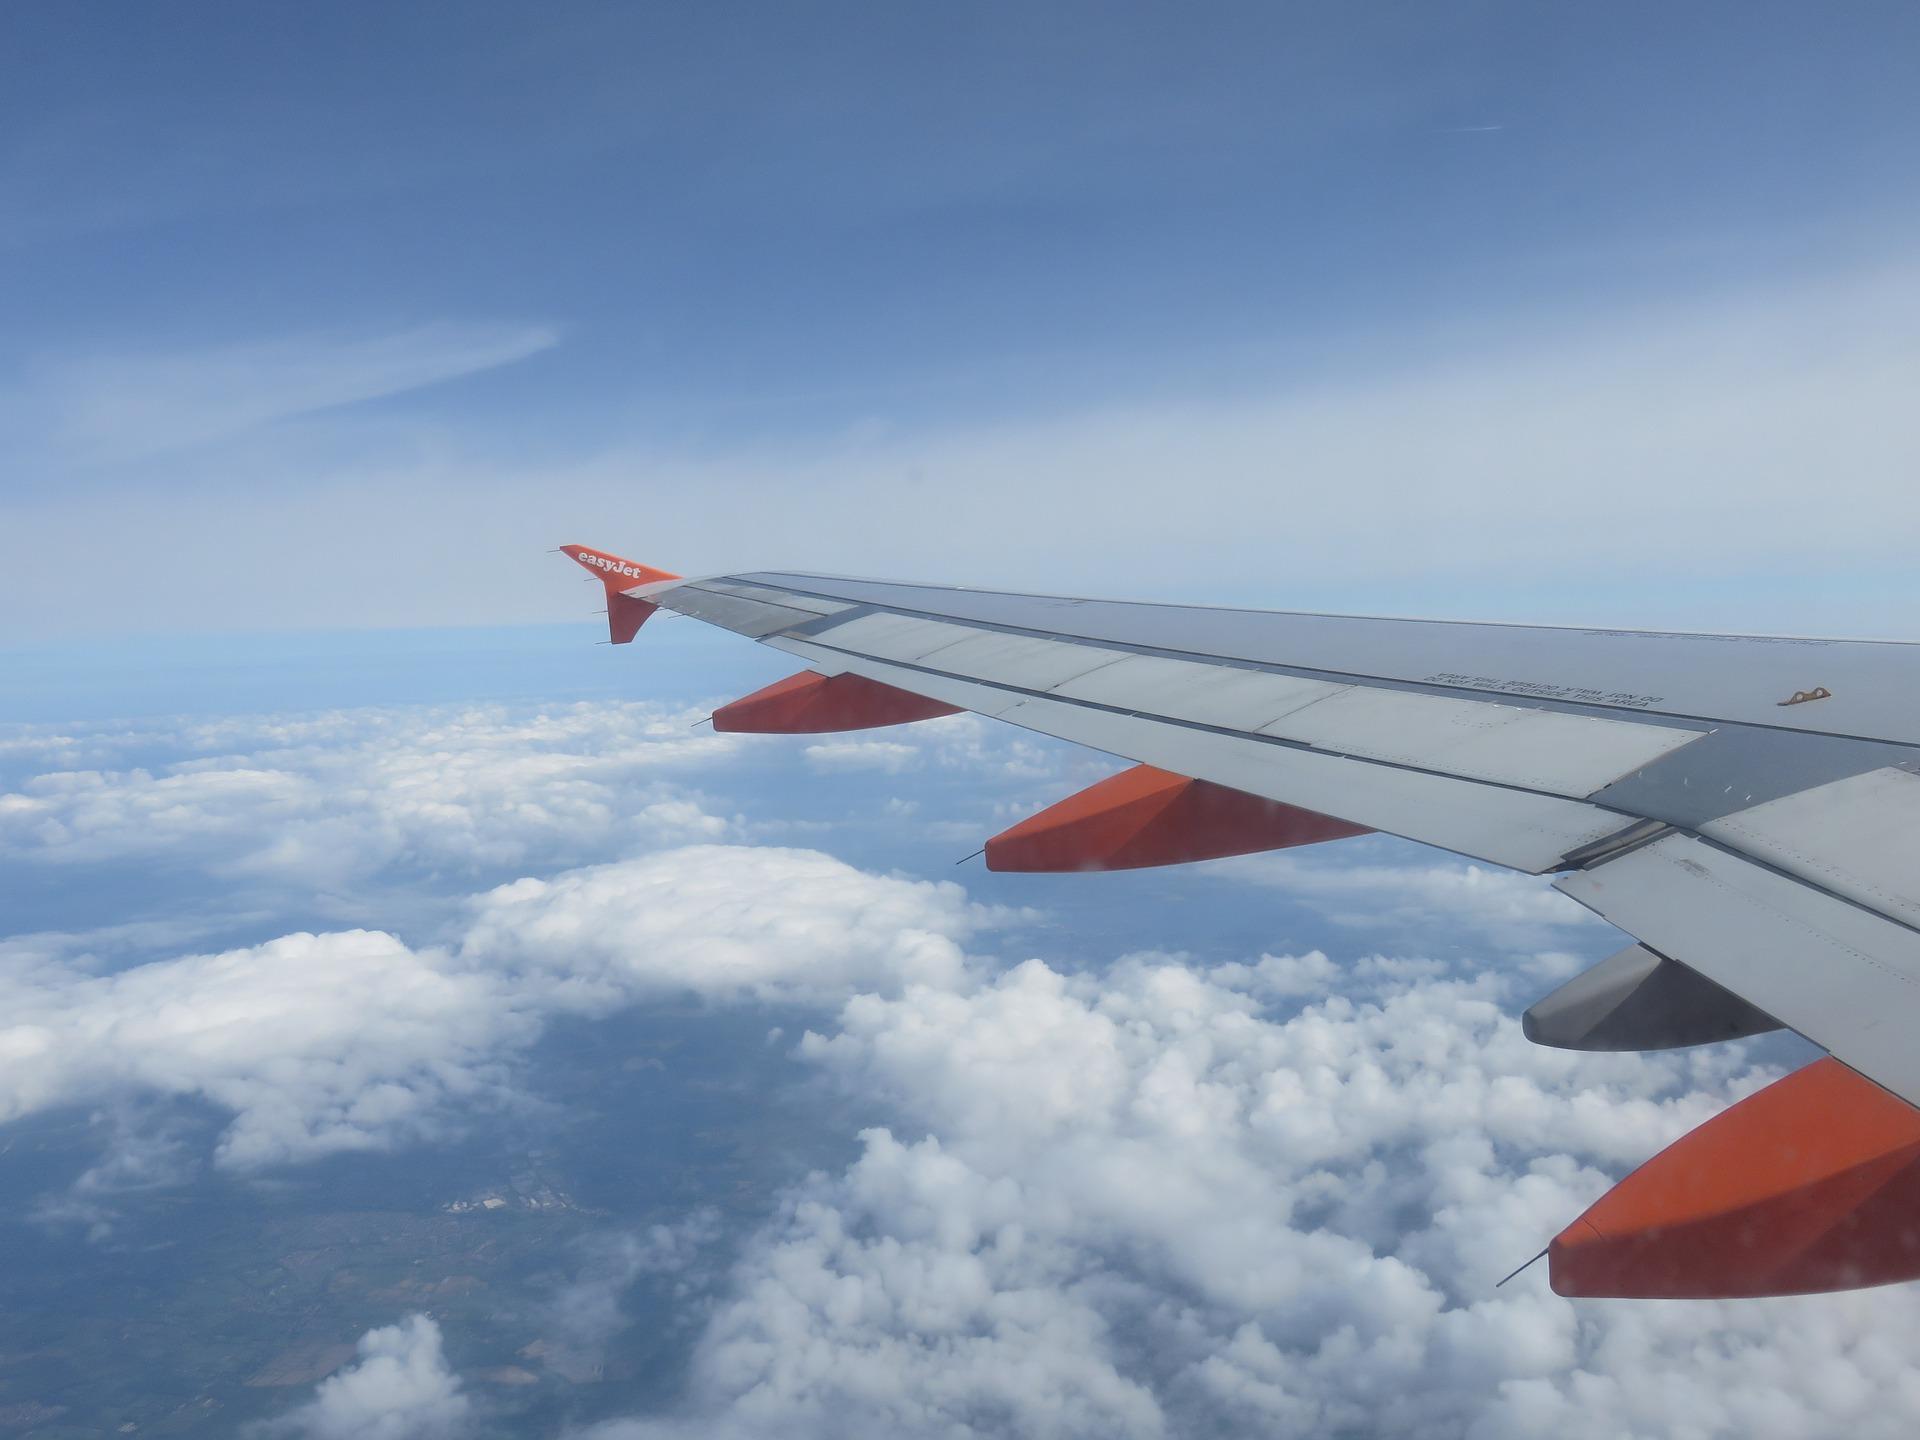 flight-1406882_1920